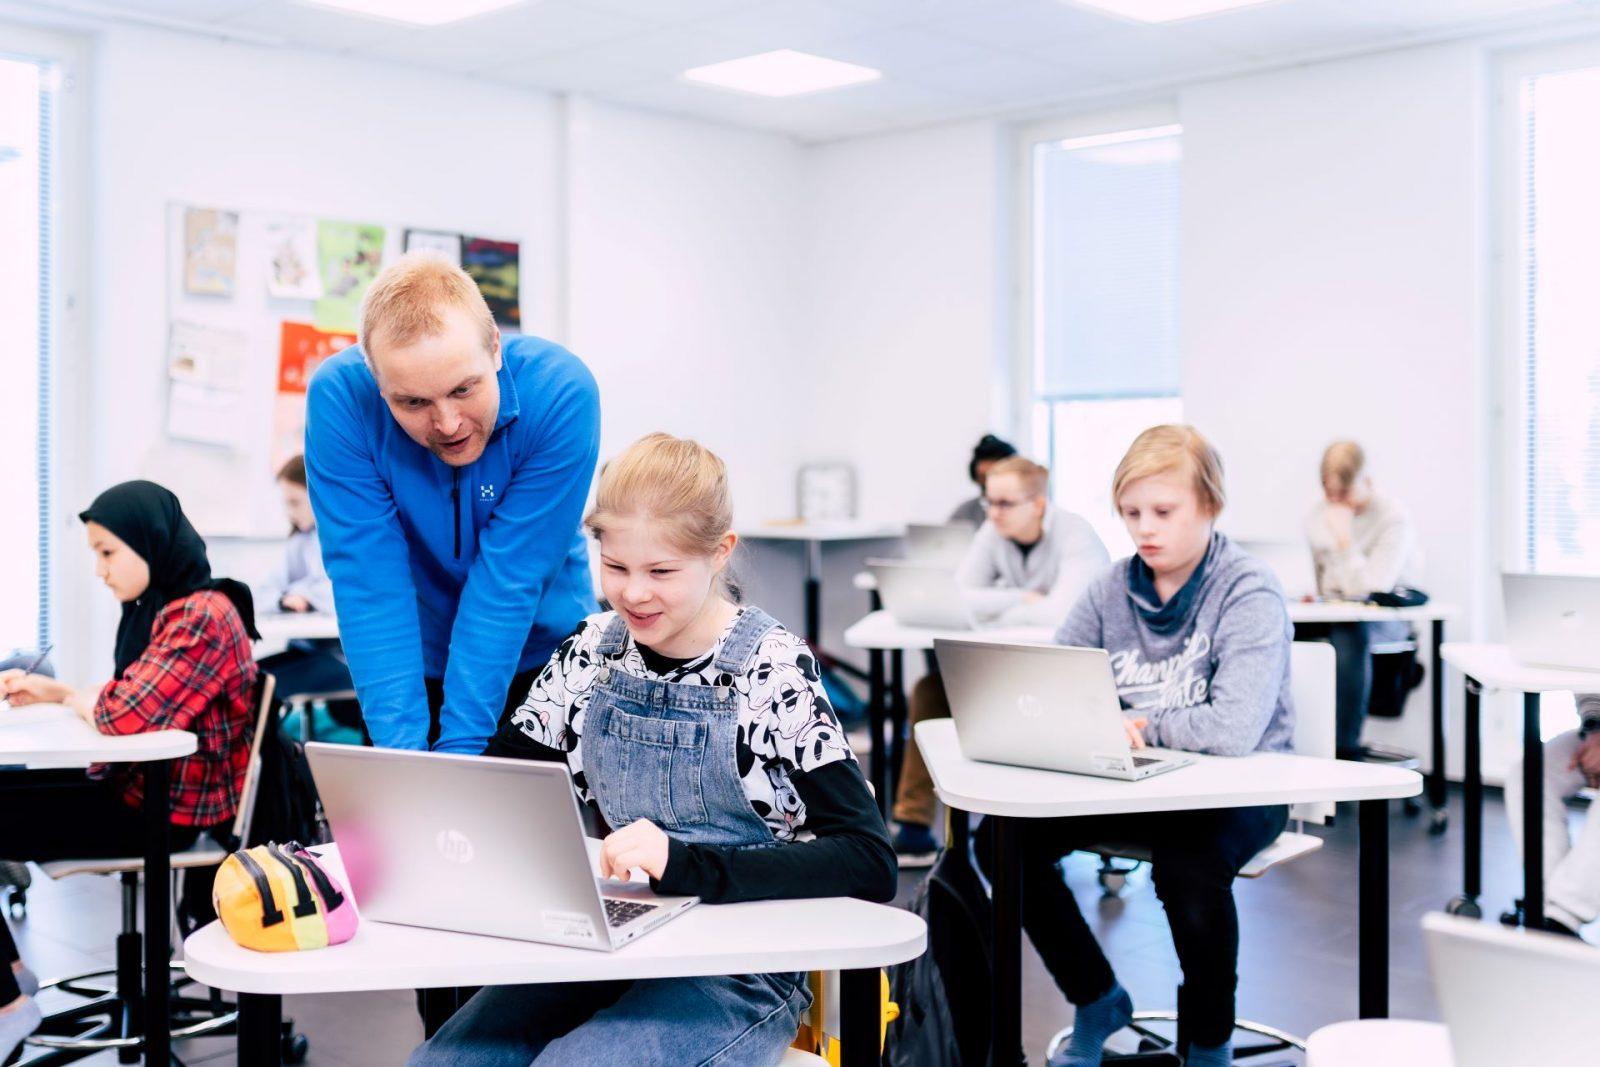 Opettaja ja oppilas käyttävät yhdessä tietoteknisiä välineitä